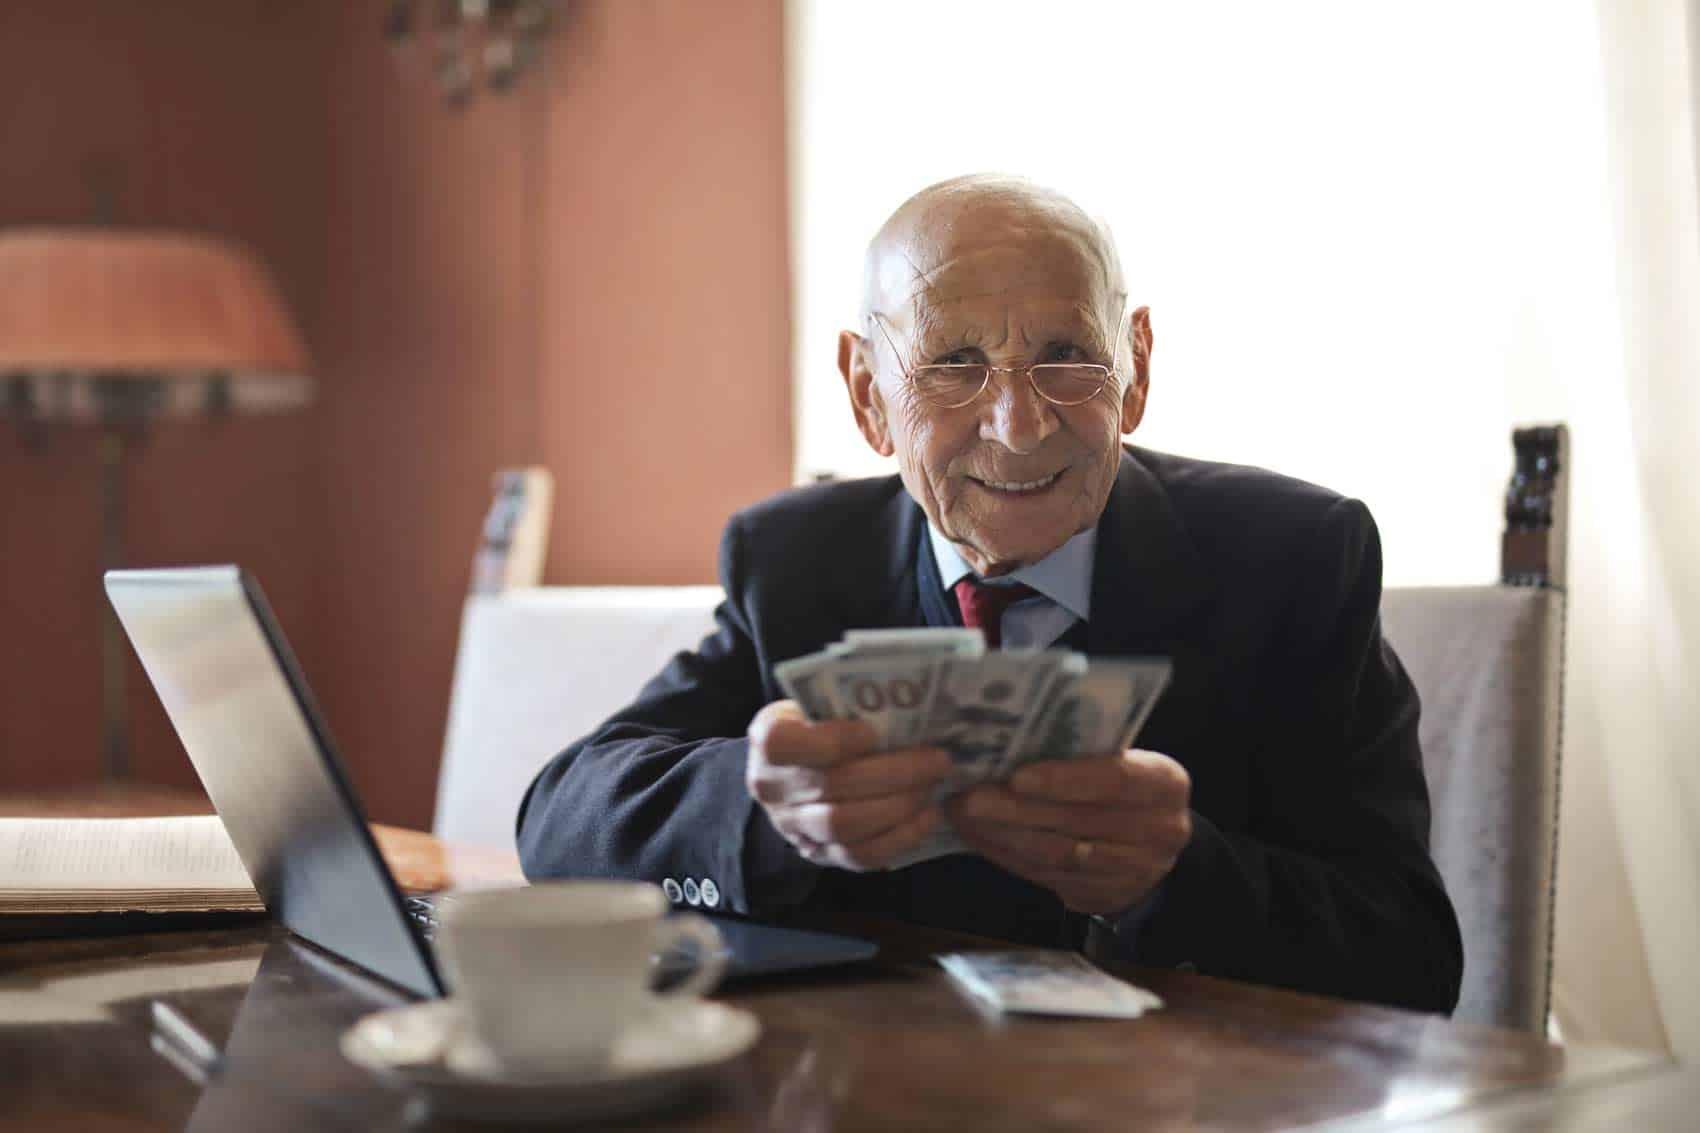 Principais empregos de baixo estresse após a aposentadoria [30+ Fun Jobs] 3